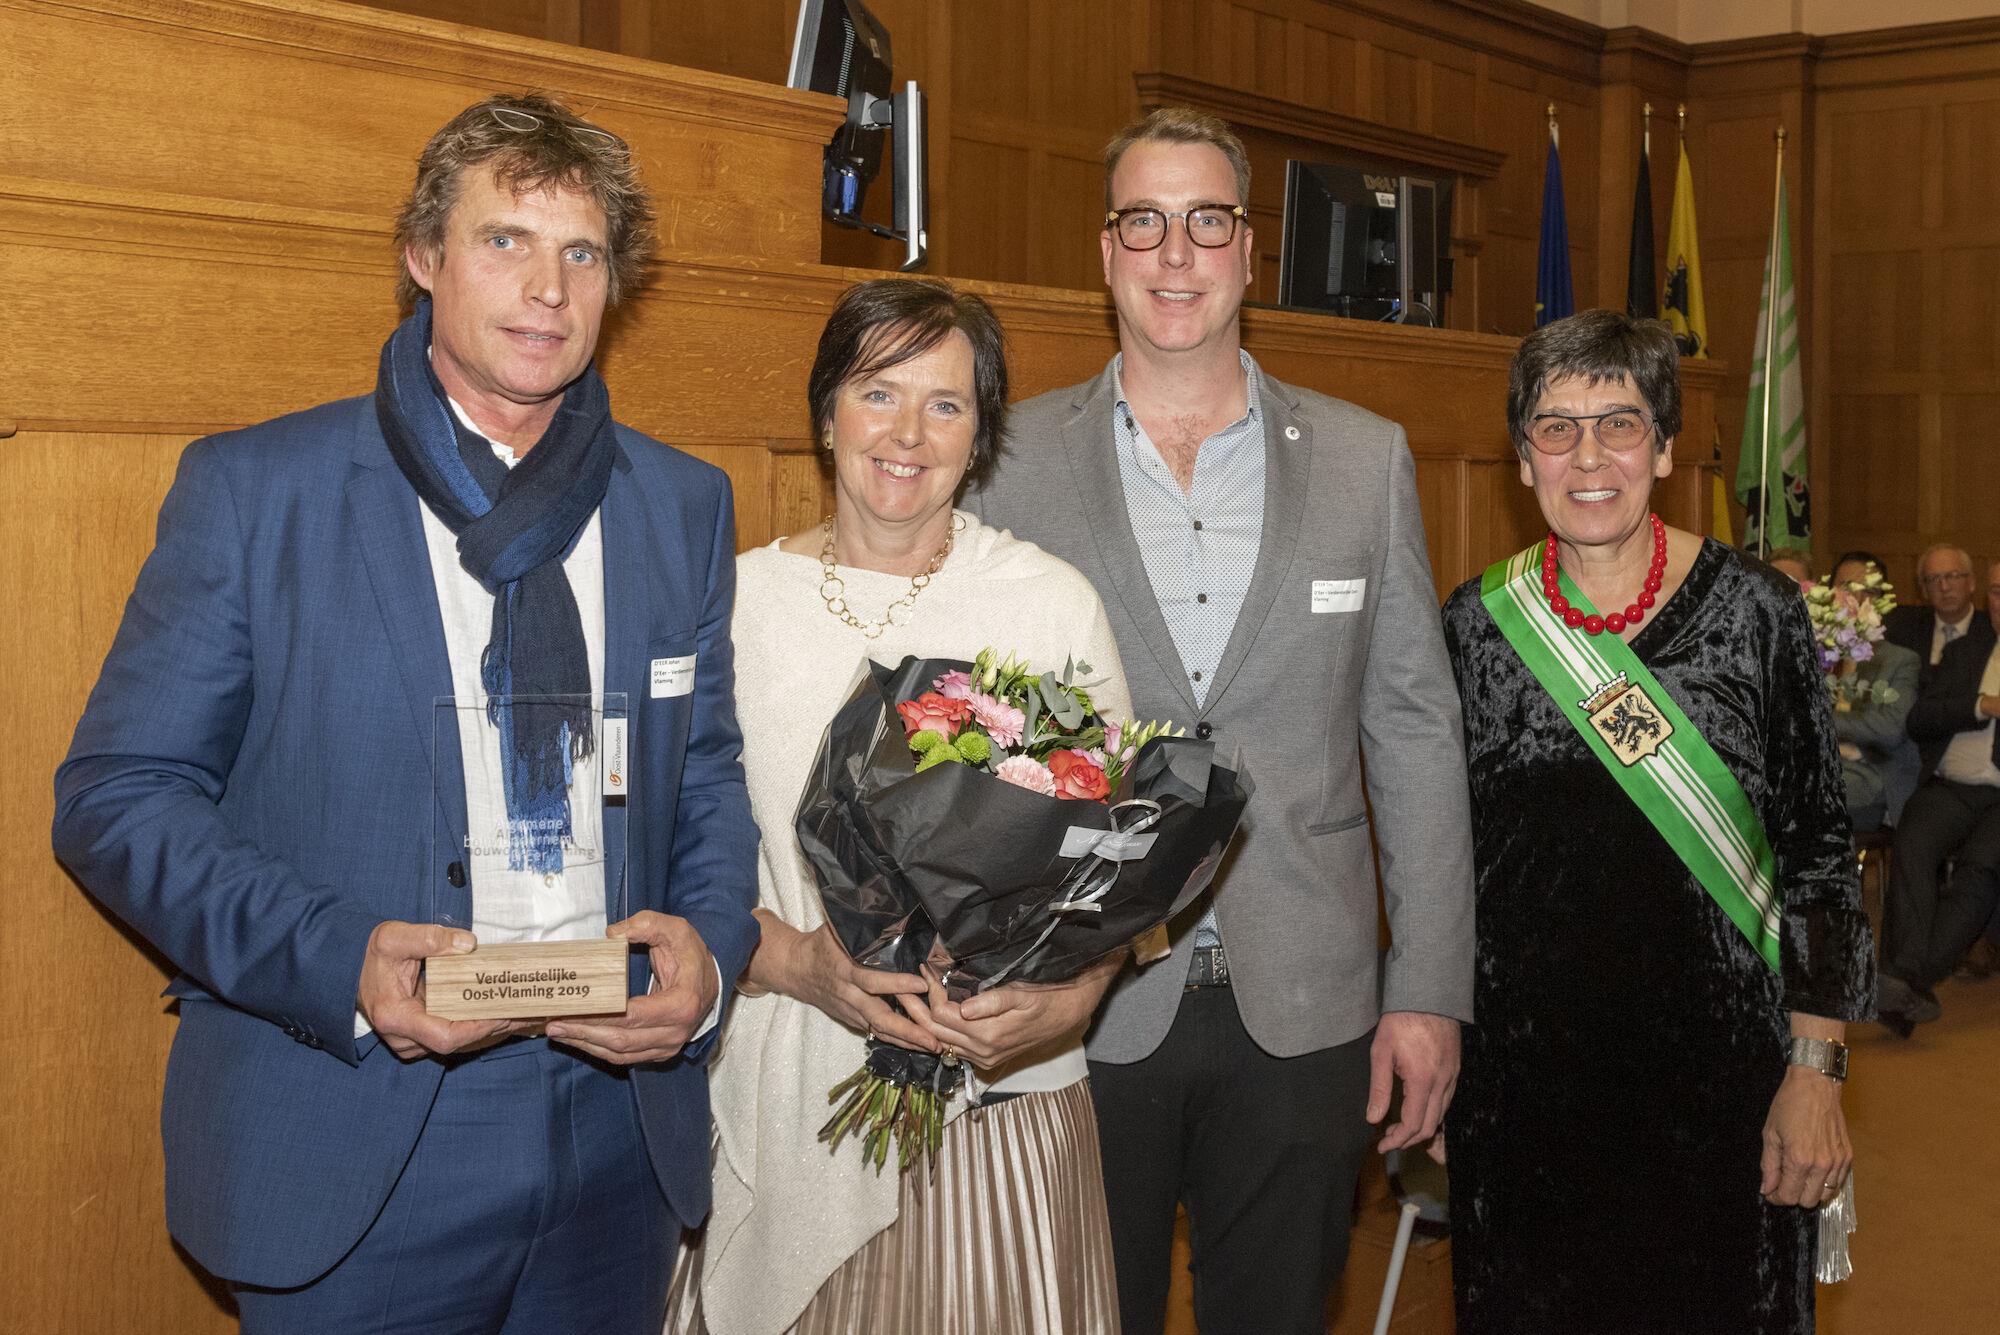 200106 Verdienstelijke Oost-Vlamingen 045.jpg